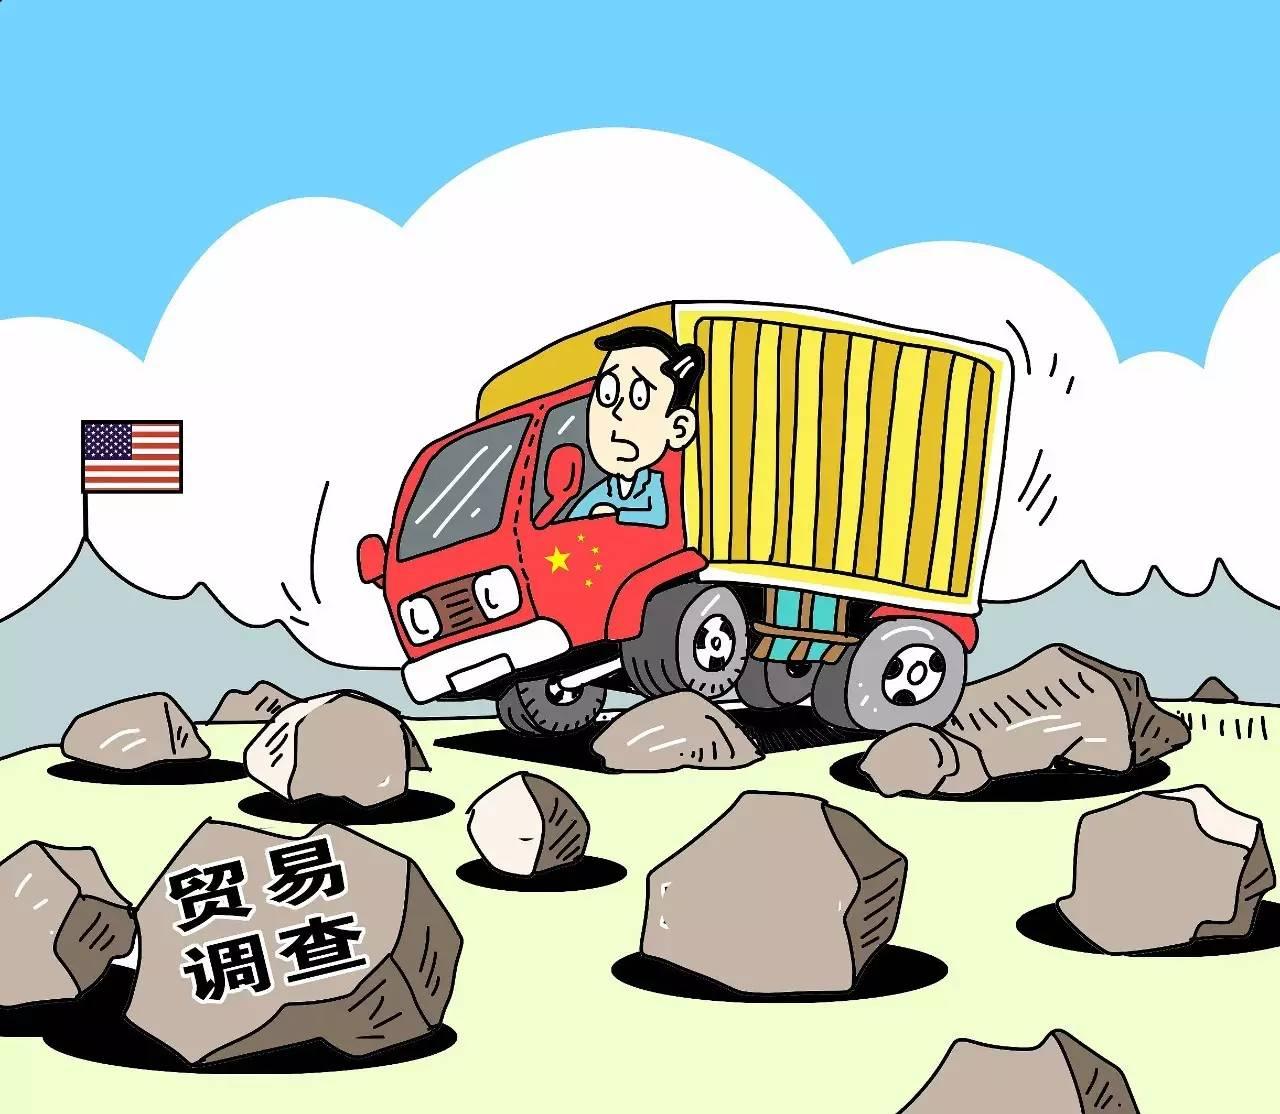 央视评论:特朗普对华贸易上搞事情天津时时彩走势图